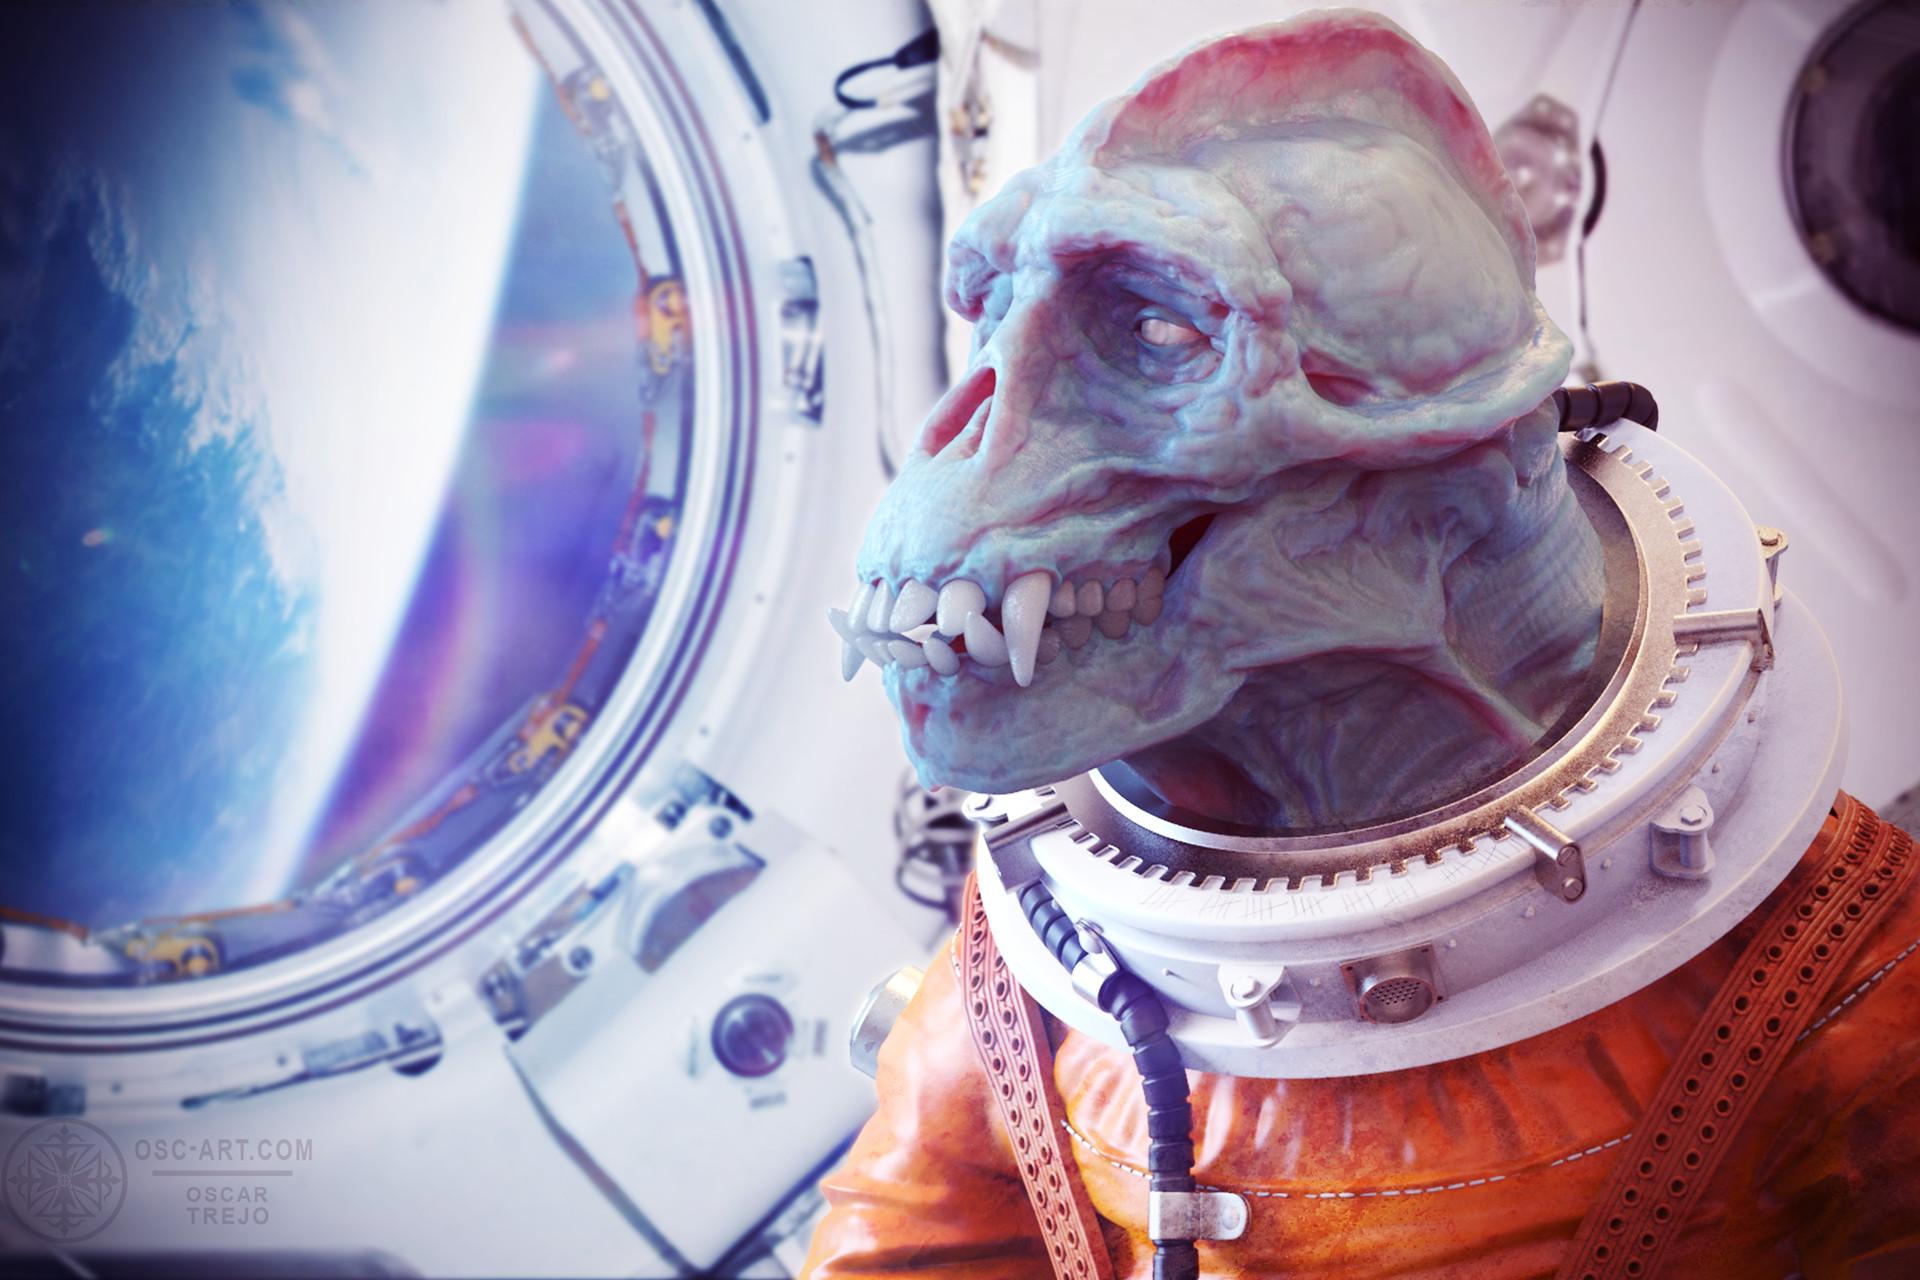 Oscar trejo space ape4